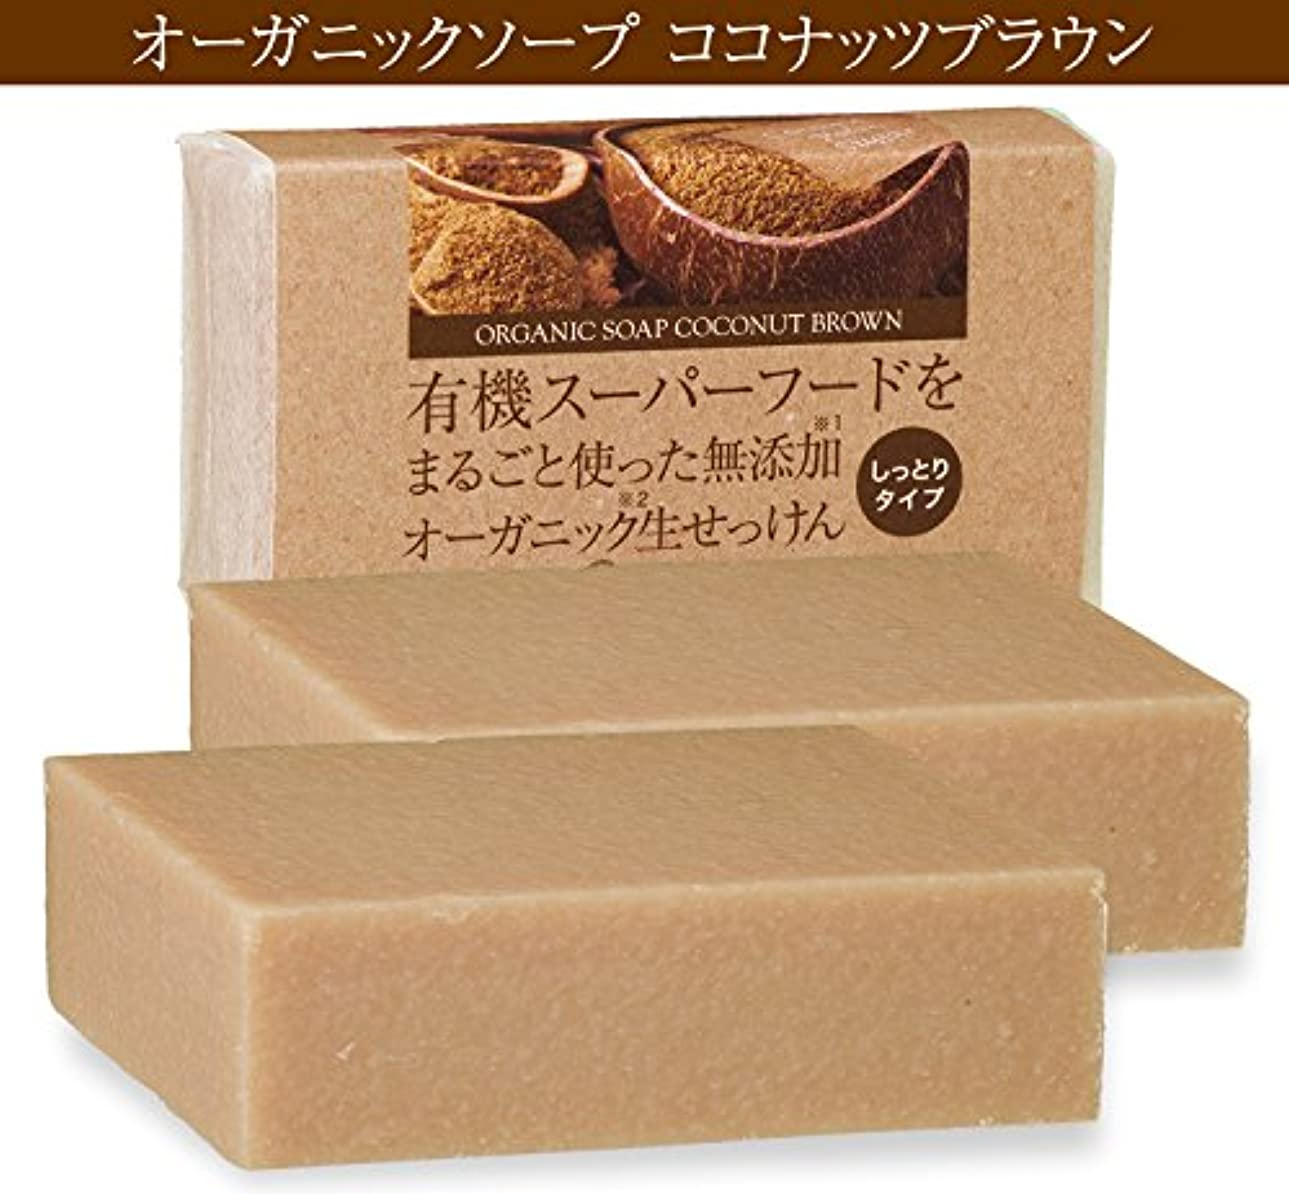 画面ホール最初はココナッツシュガー石鹸 2個 有機ココナッツオイルをまるごと使った無添加オーガニック生せっけん(枠練)Organic Raw Soap Coconut Brown 80g コールドプロセス製法 (日本製)メール便